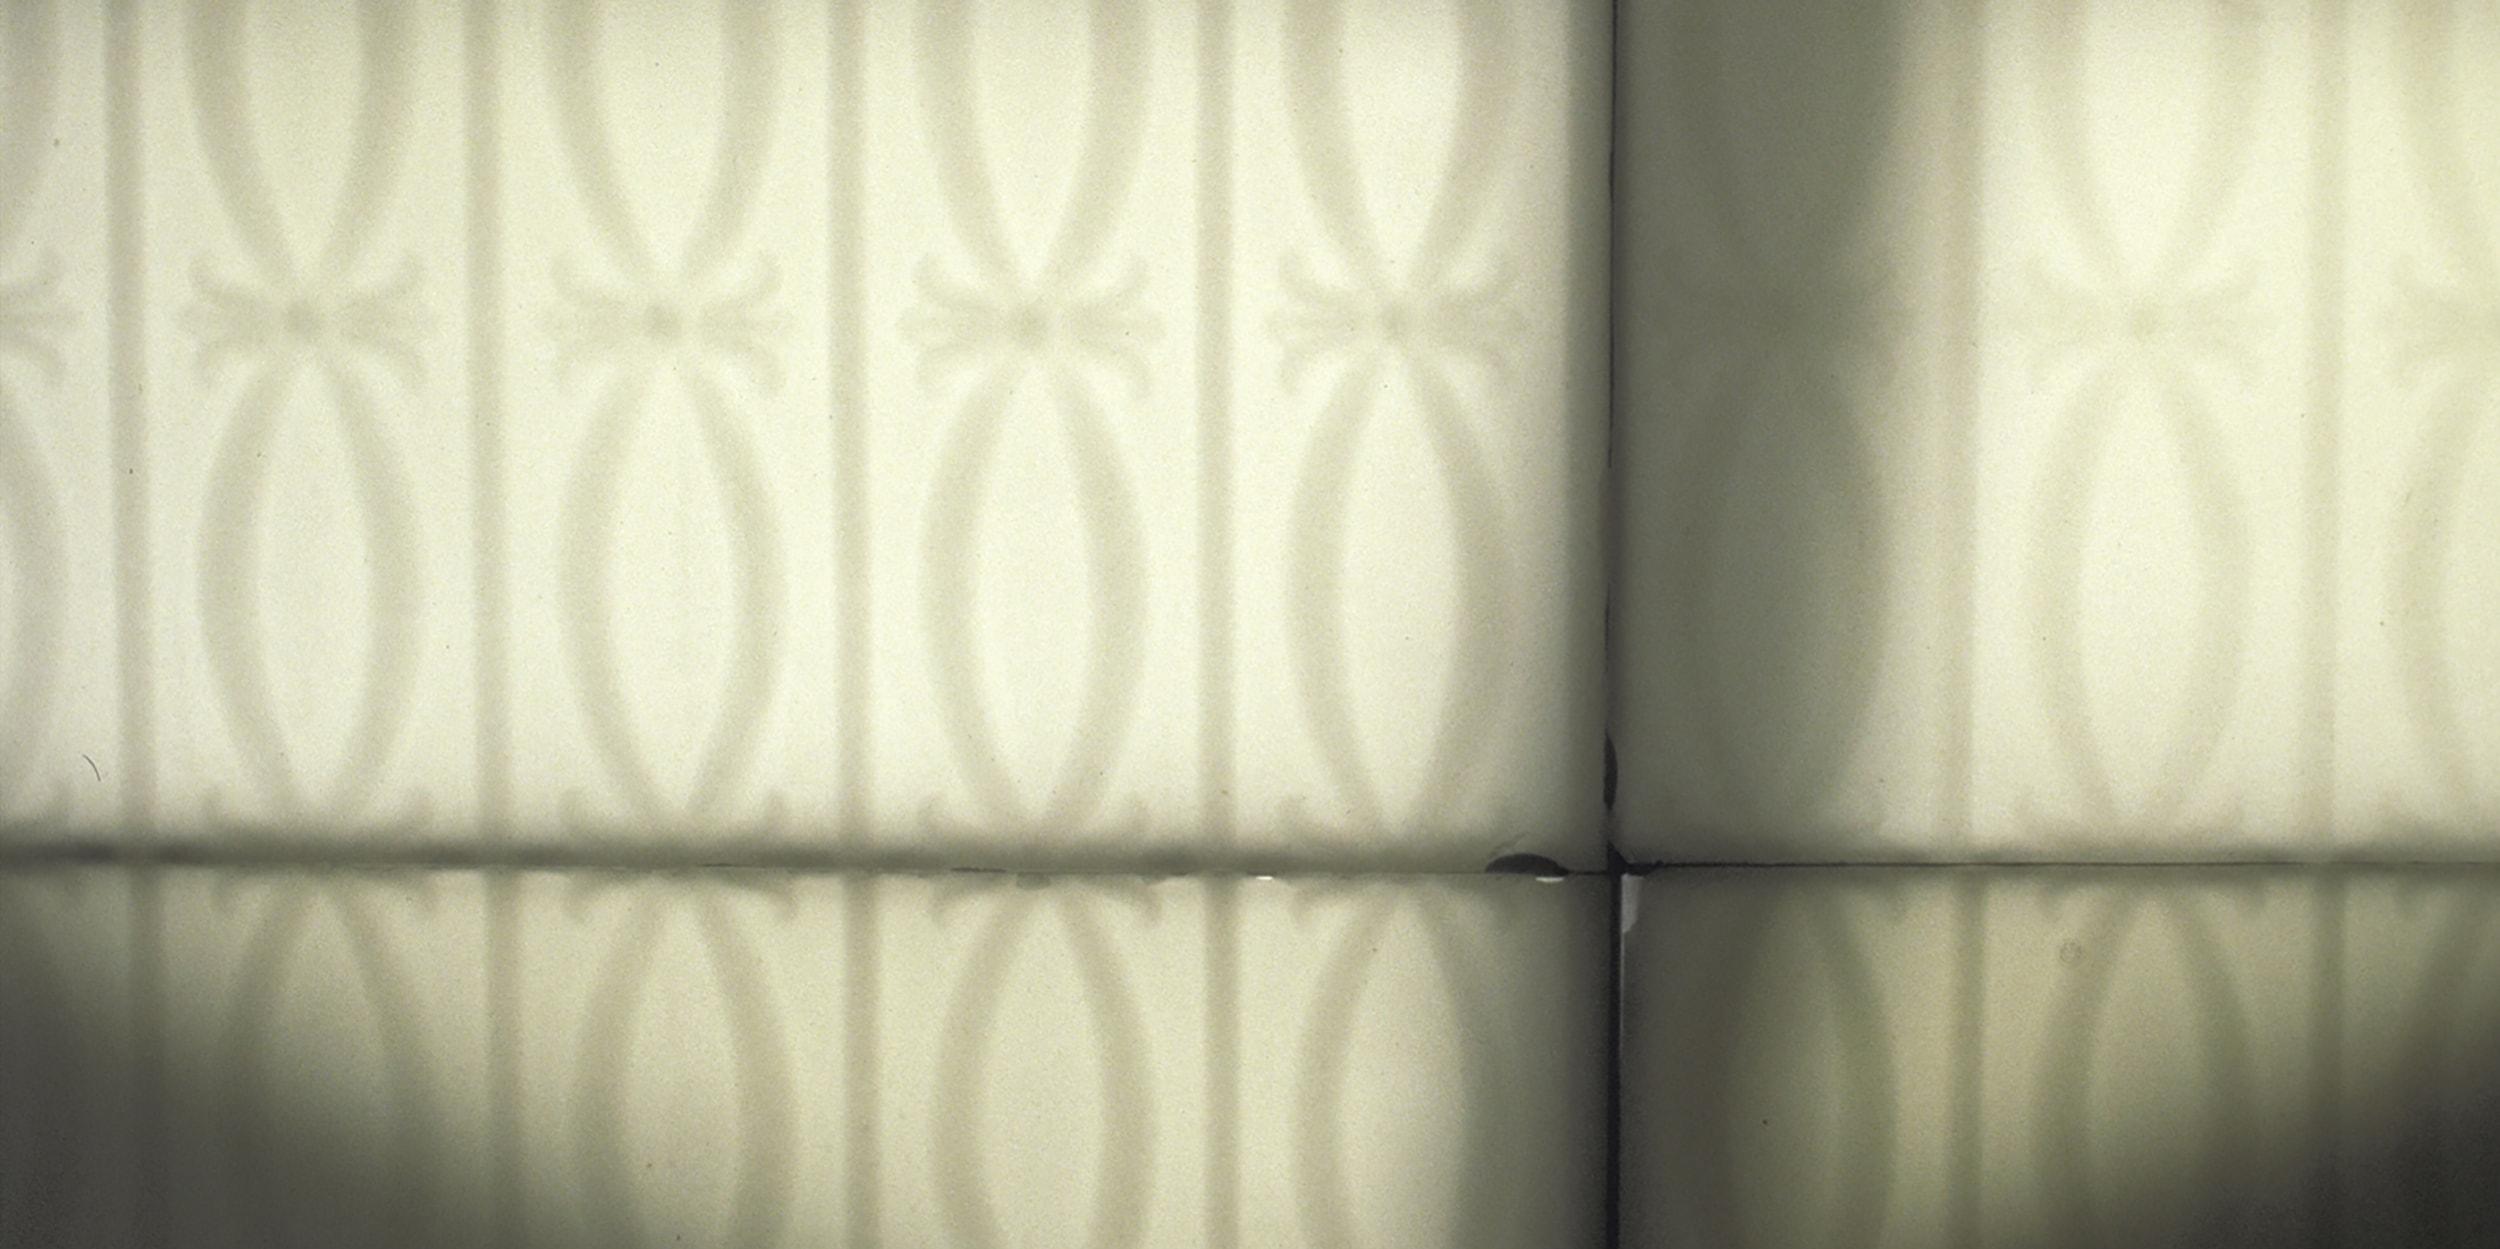 2500x1250 White Room.jpg